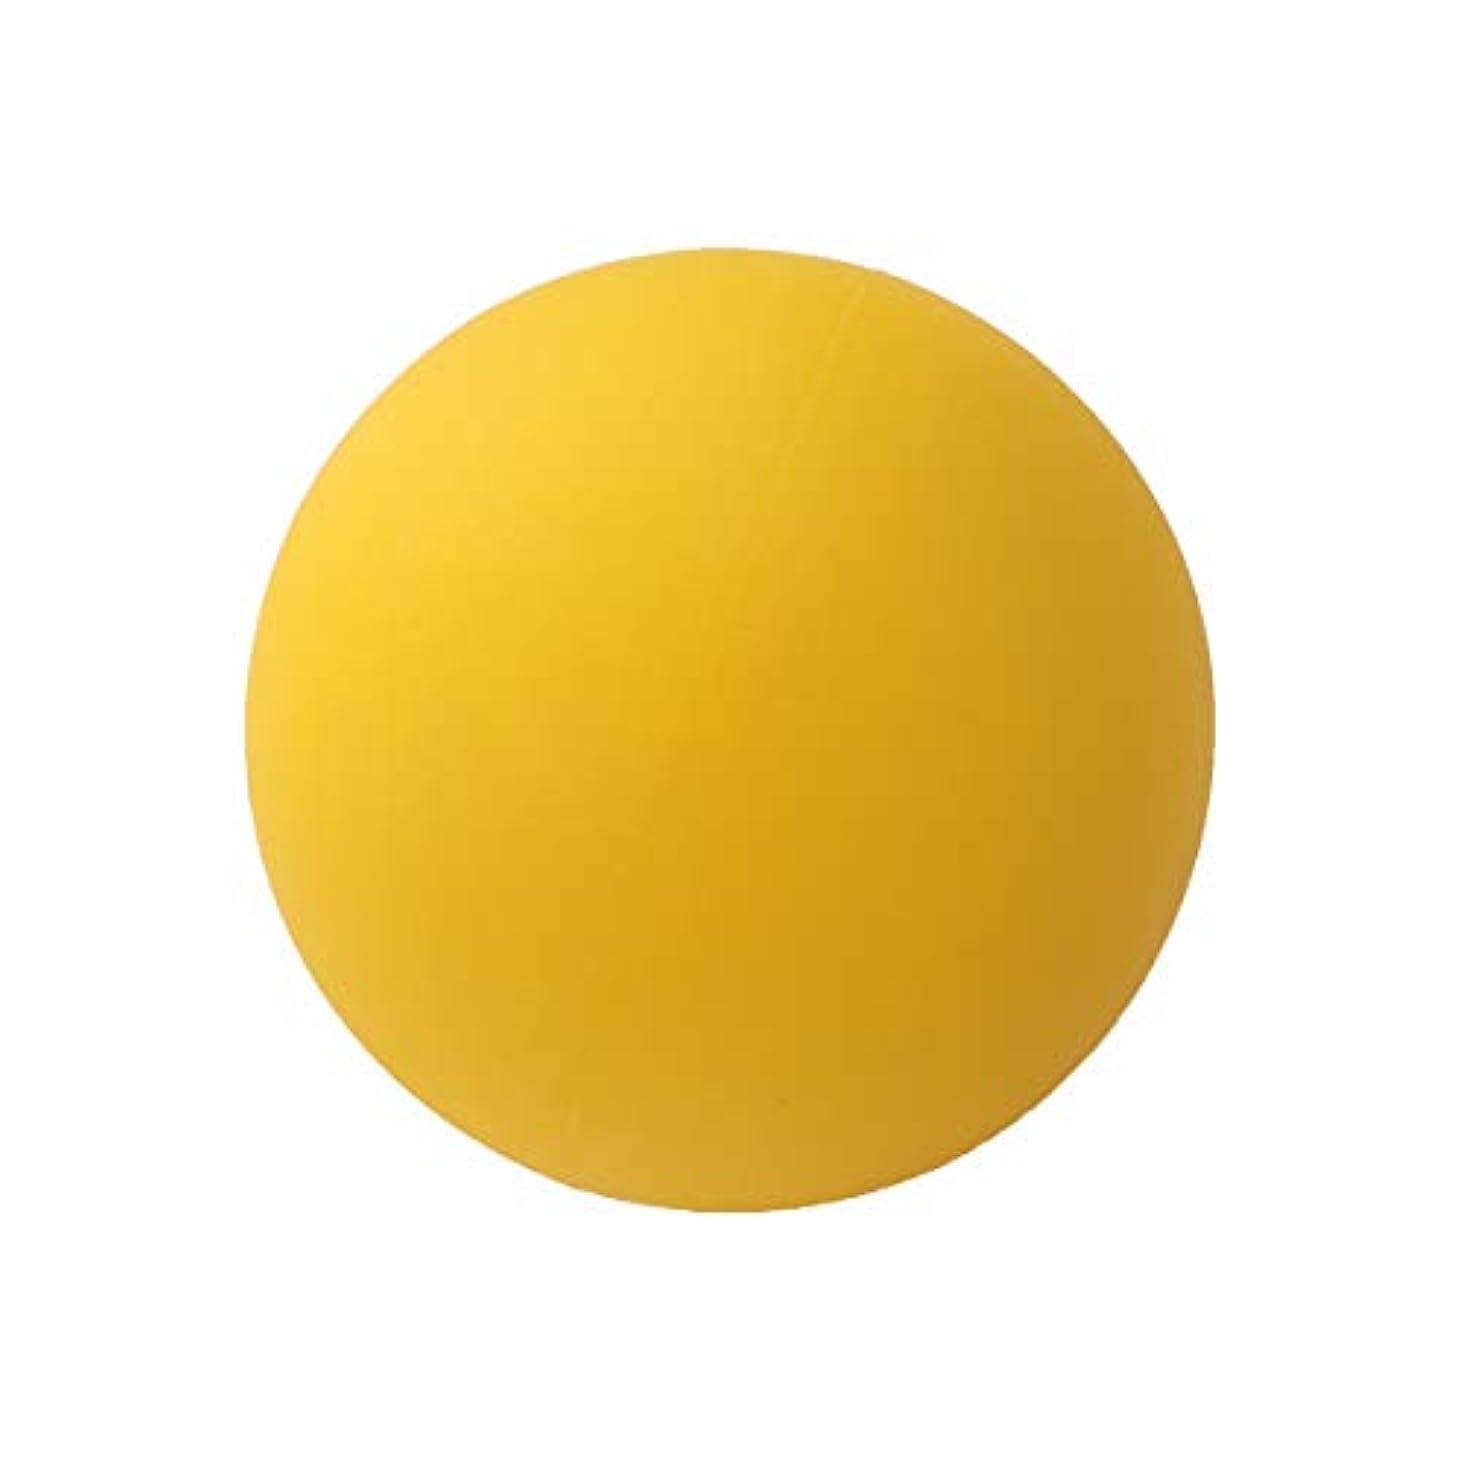 詐欺師仕立て屋ソーダ水VORCOOL マッサージボール ヨガ ストレッチボール トリガーポイント 筋膜リリース トレーニング 背中 肩こり 腰 ふくらはぎ 足裏 ツボ押しグッズ 物理 マッサージ 療法ボール